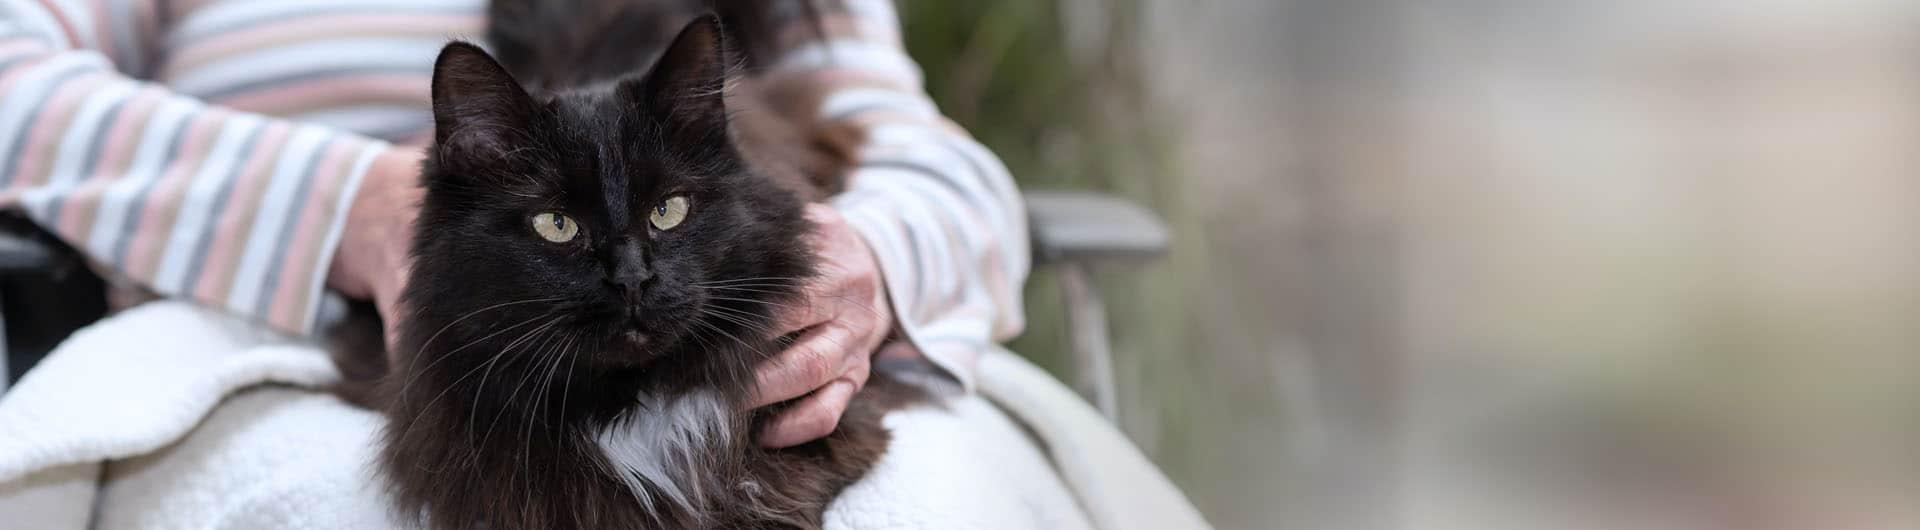 Katzenversicherung für ältere Katzen - ohne Altersbegrenzung